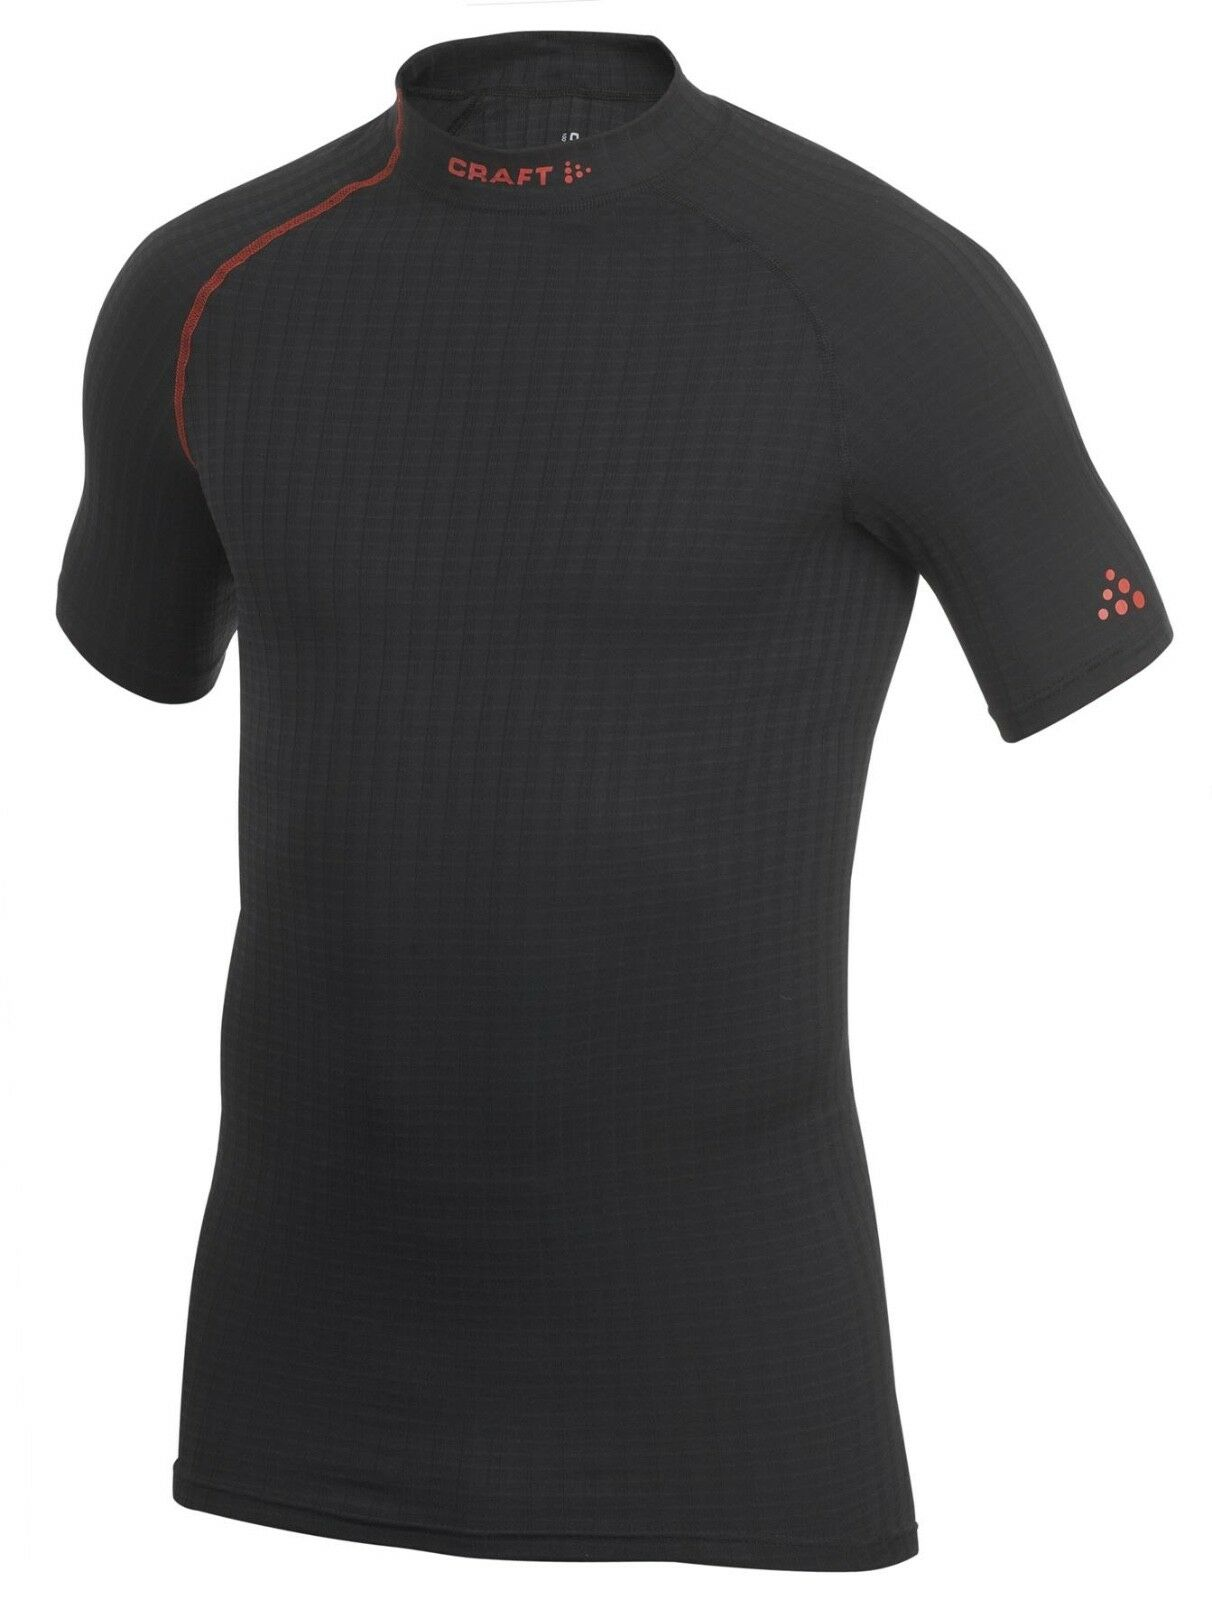 New Craft Pro Zero Extreme Short Sleeve Men Base Layer - Various Sizes